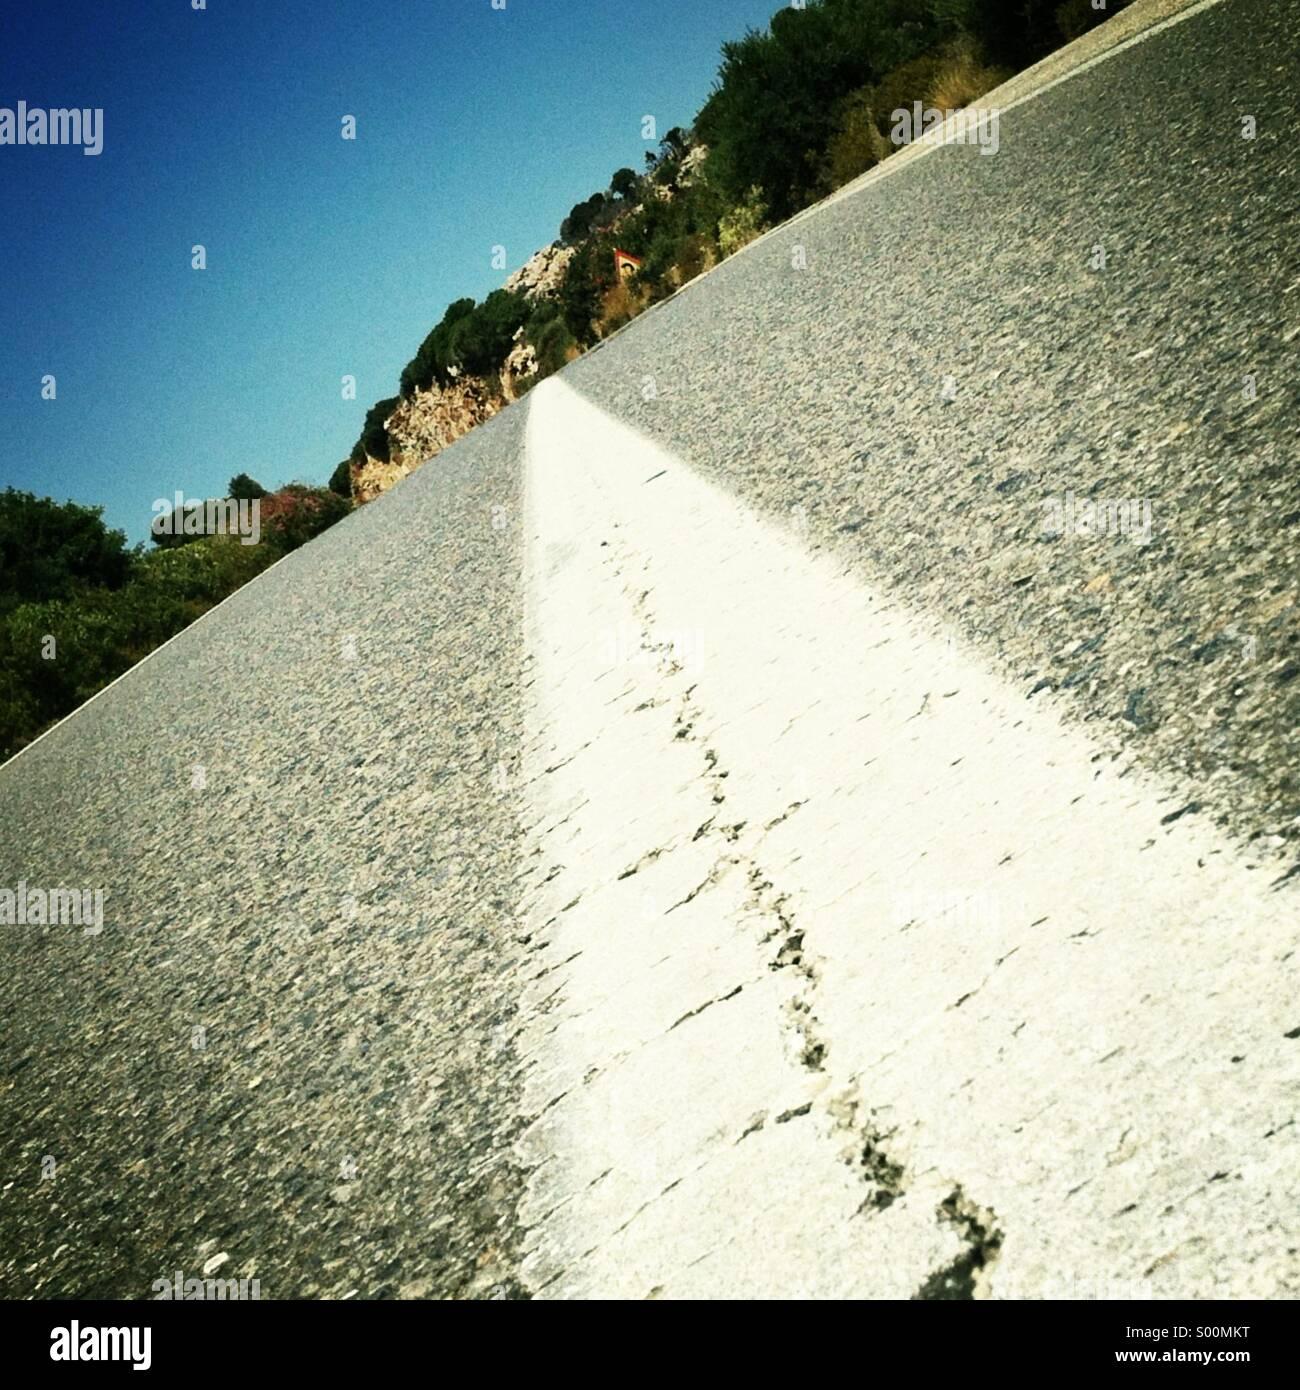 La autopista vacía. Tiros de ángulo bajo. Formato cuadrado, iPhoneography. Foto de stock